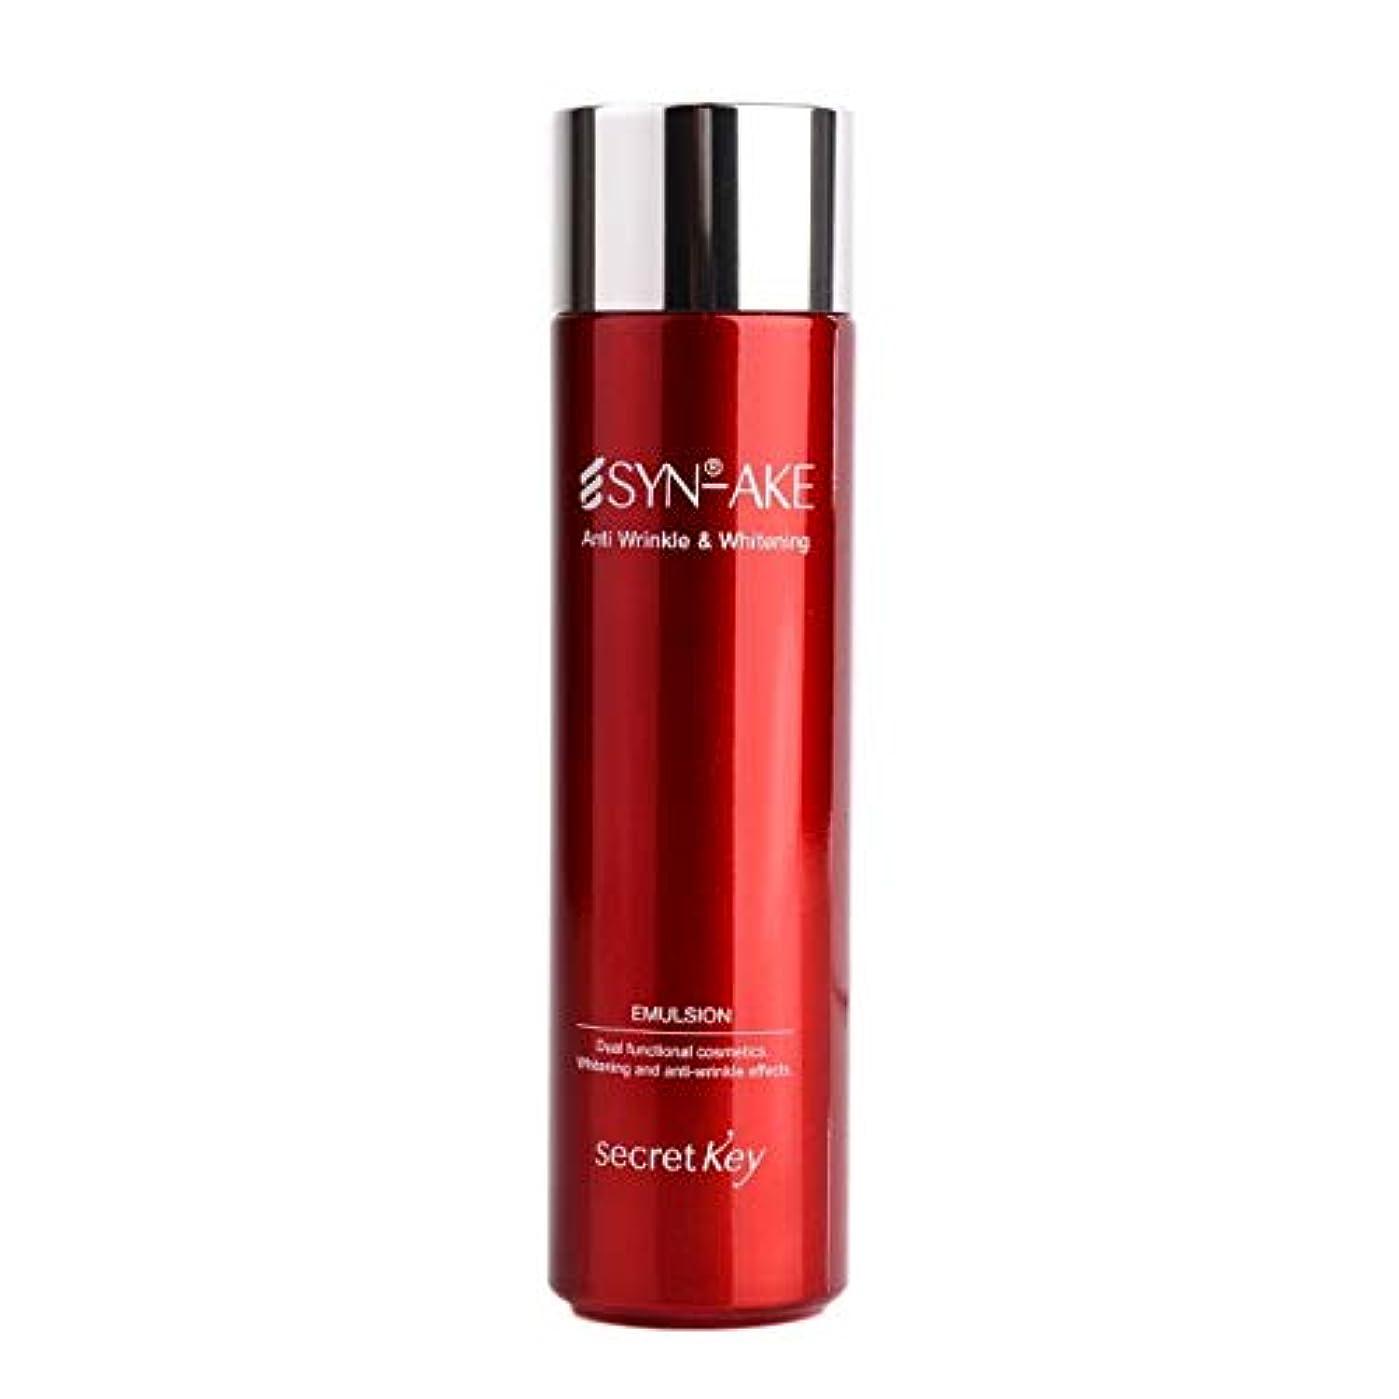 果てしないできない反映するSecret Keyシークレットキーシンアケアンチリンクルホワイトニングエマルジョン150ml韓国の人気化粧品ブランドの人気ローション水分補給肌の保湿乾燥